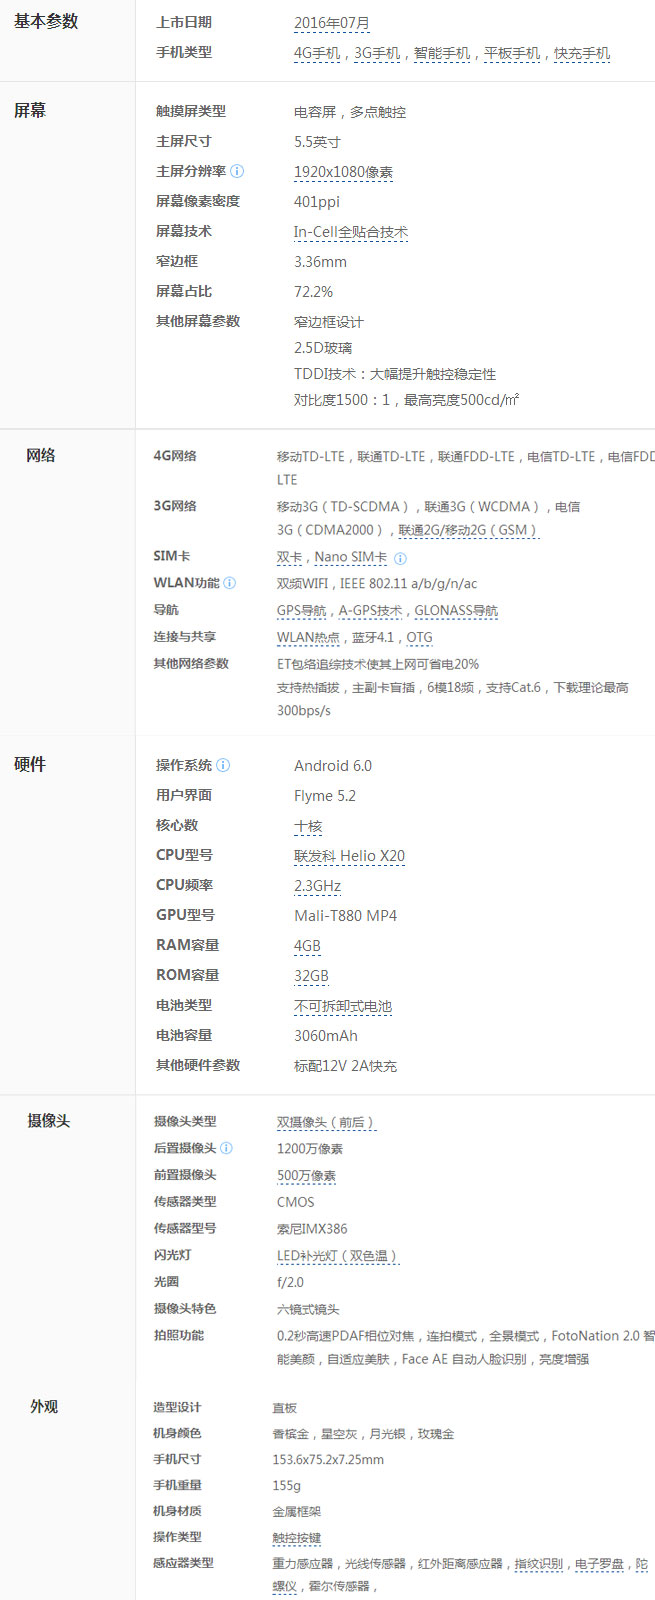 【魅族mx6】发布会_魅族mx6怎么样_价格配置手机参数